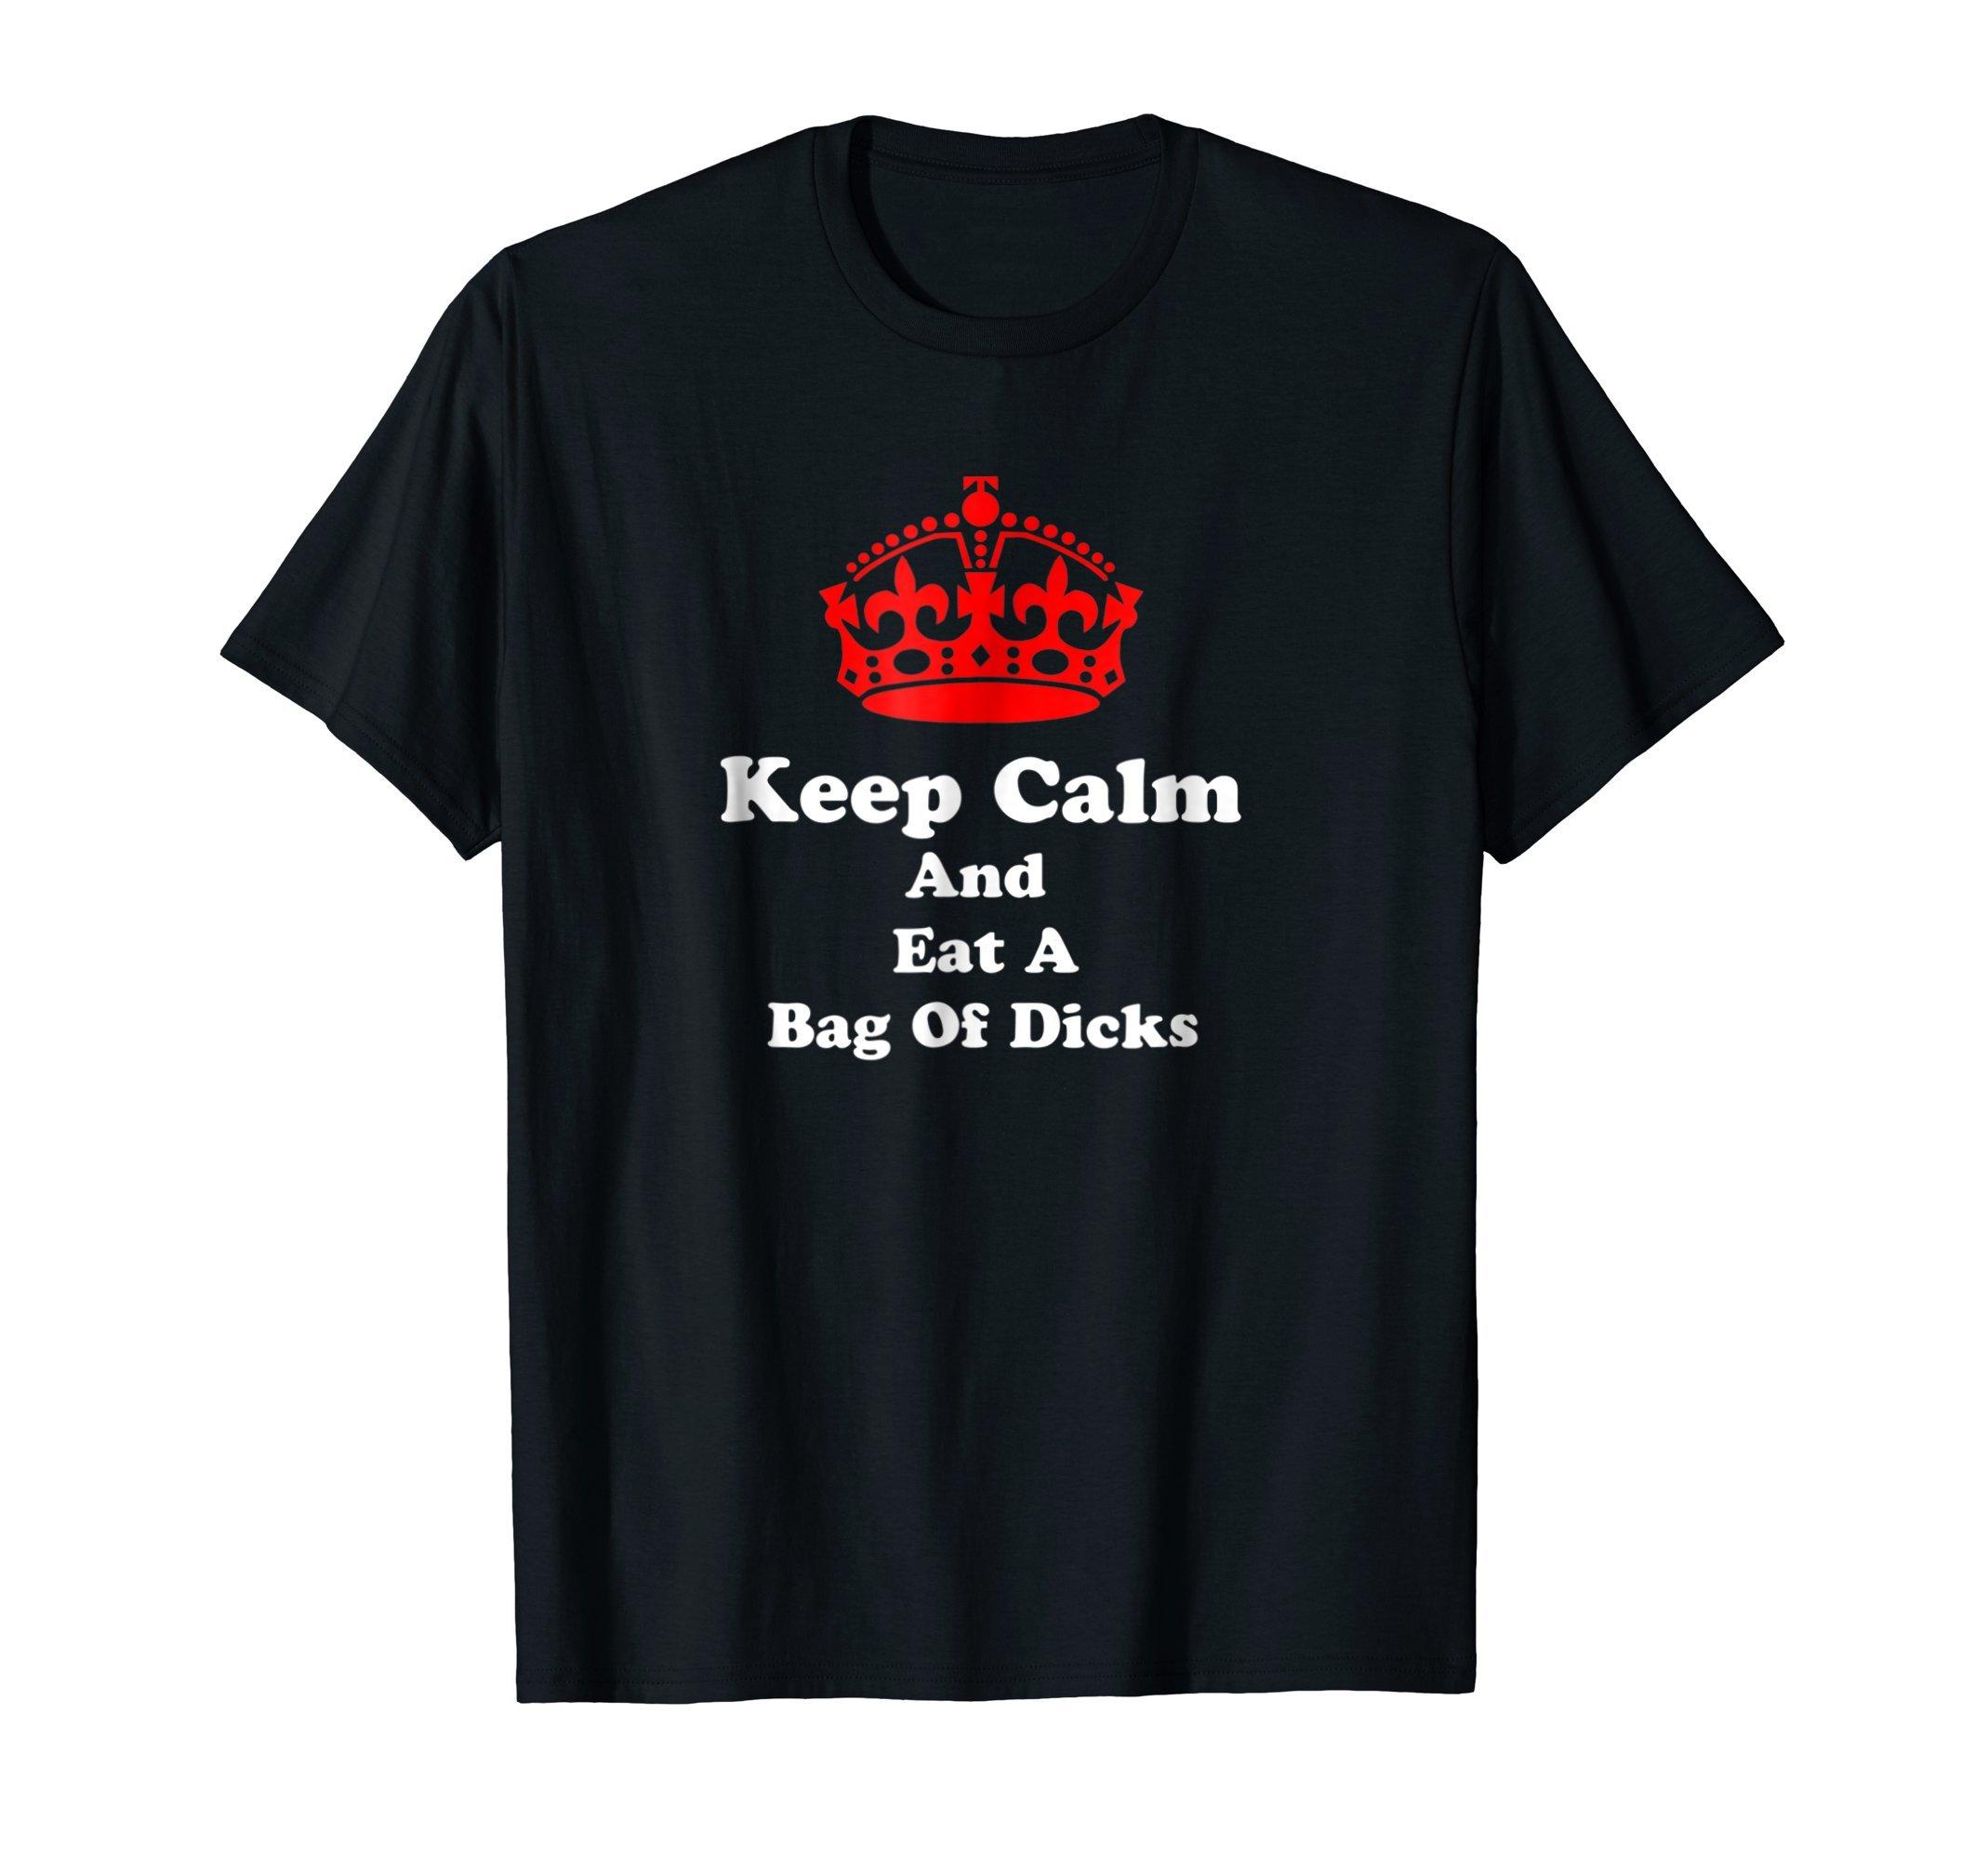 Keep Calm And Eat A Bag Of Dicks shirt